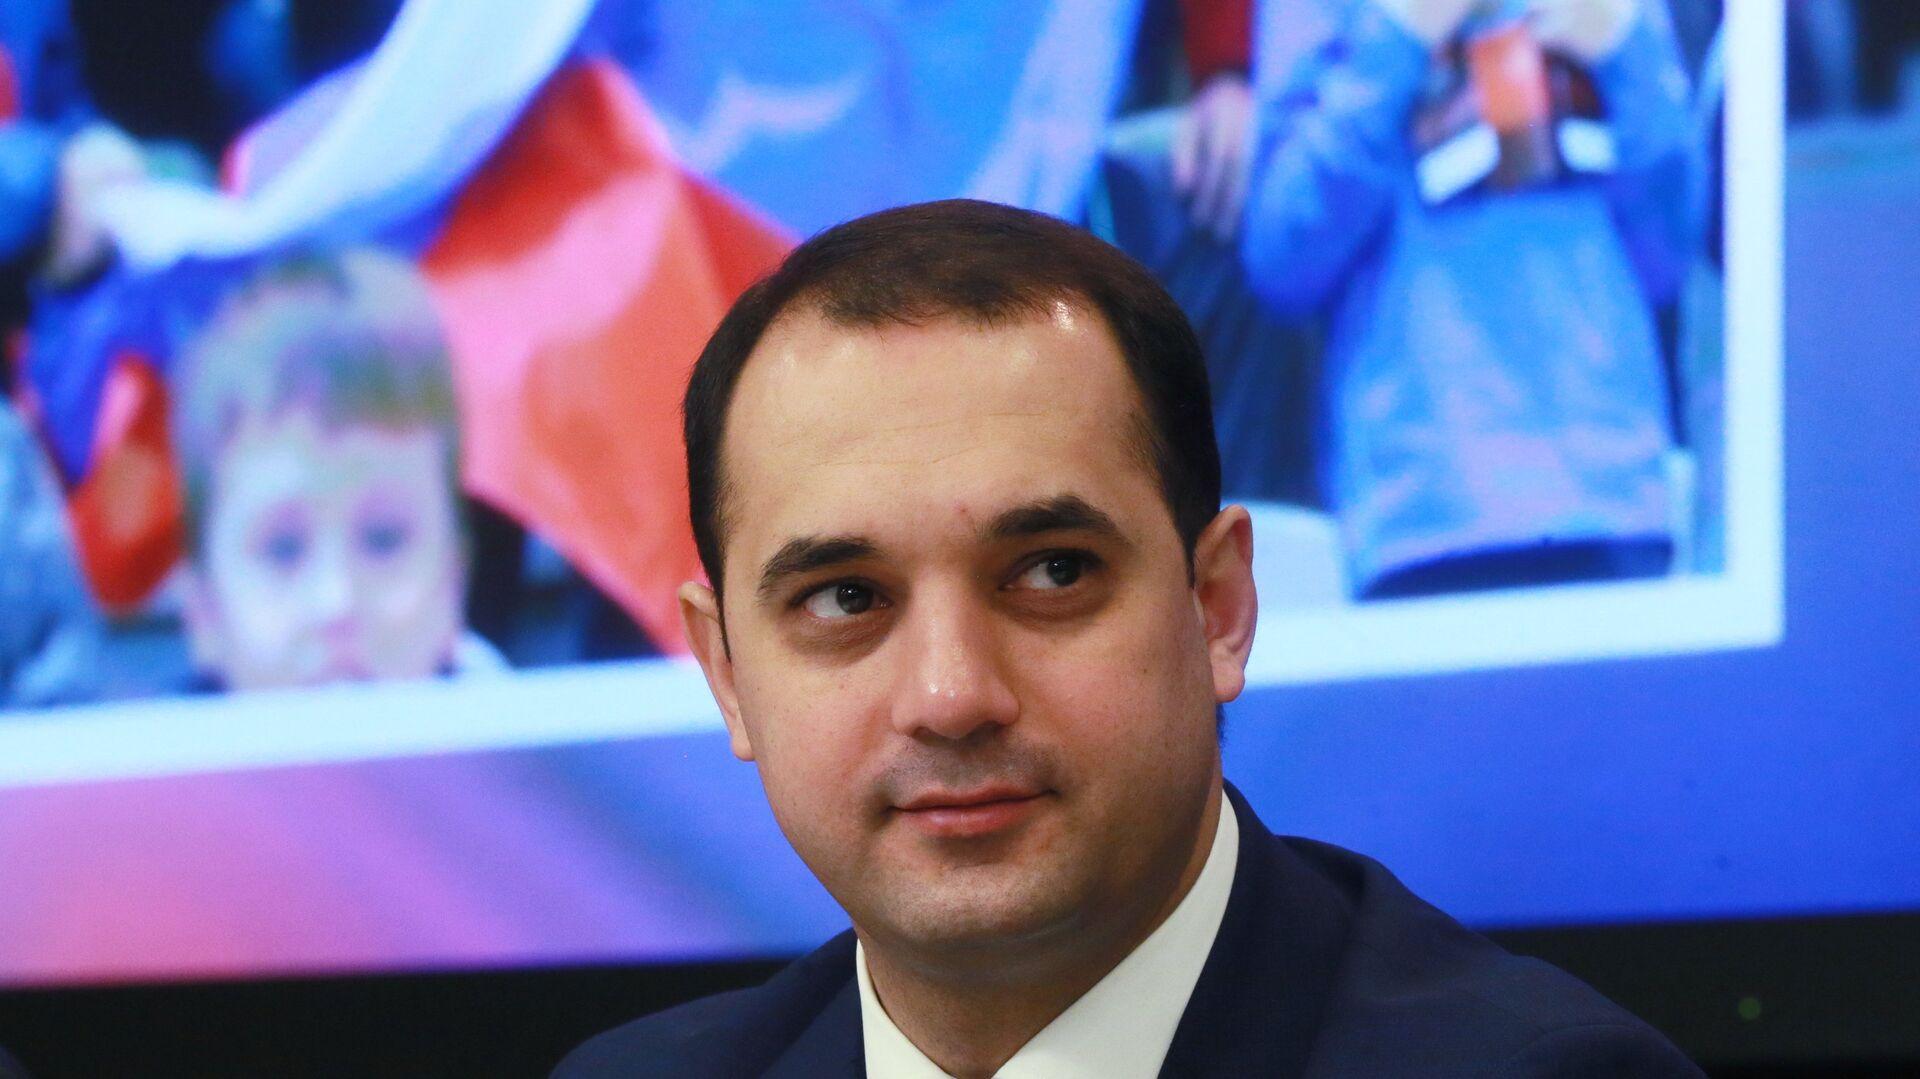 Президент Ассоциации мини-футбола России Эмиль Алиев - РИА Новости, 1920, 06.03.2021